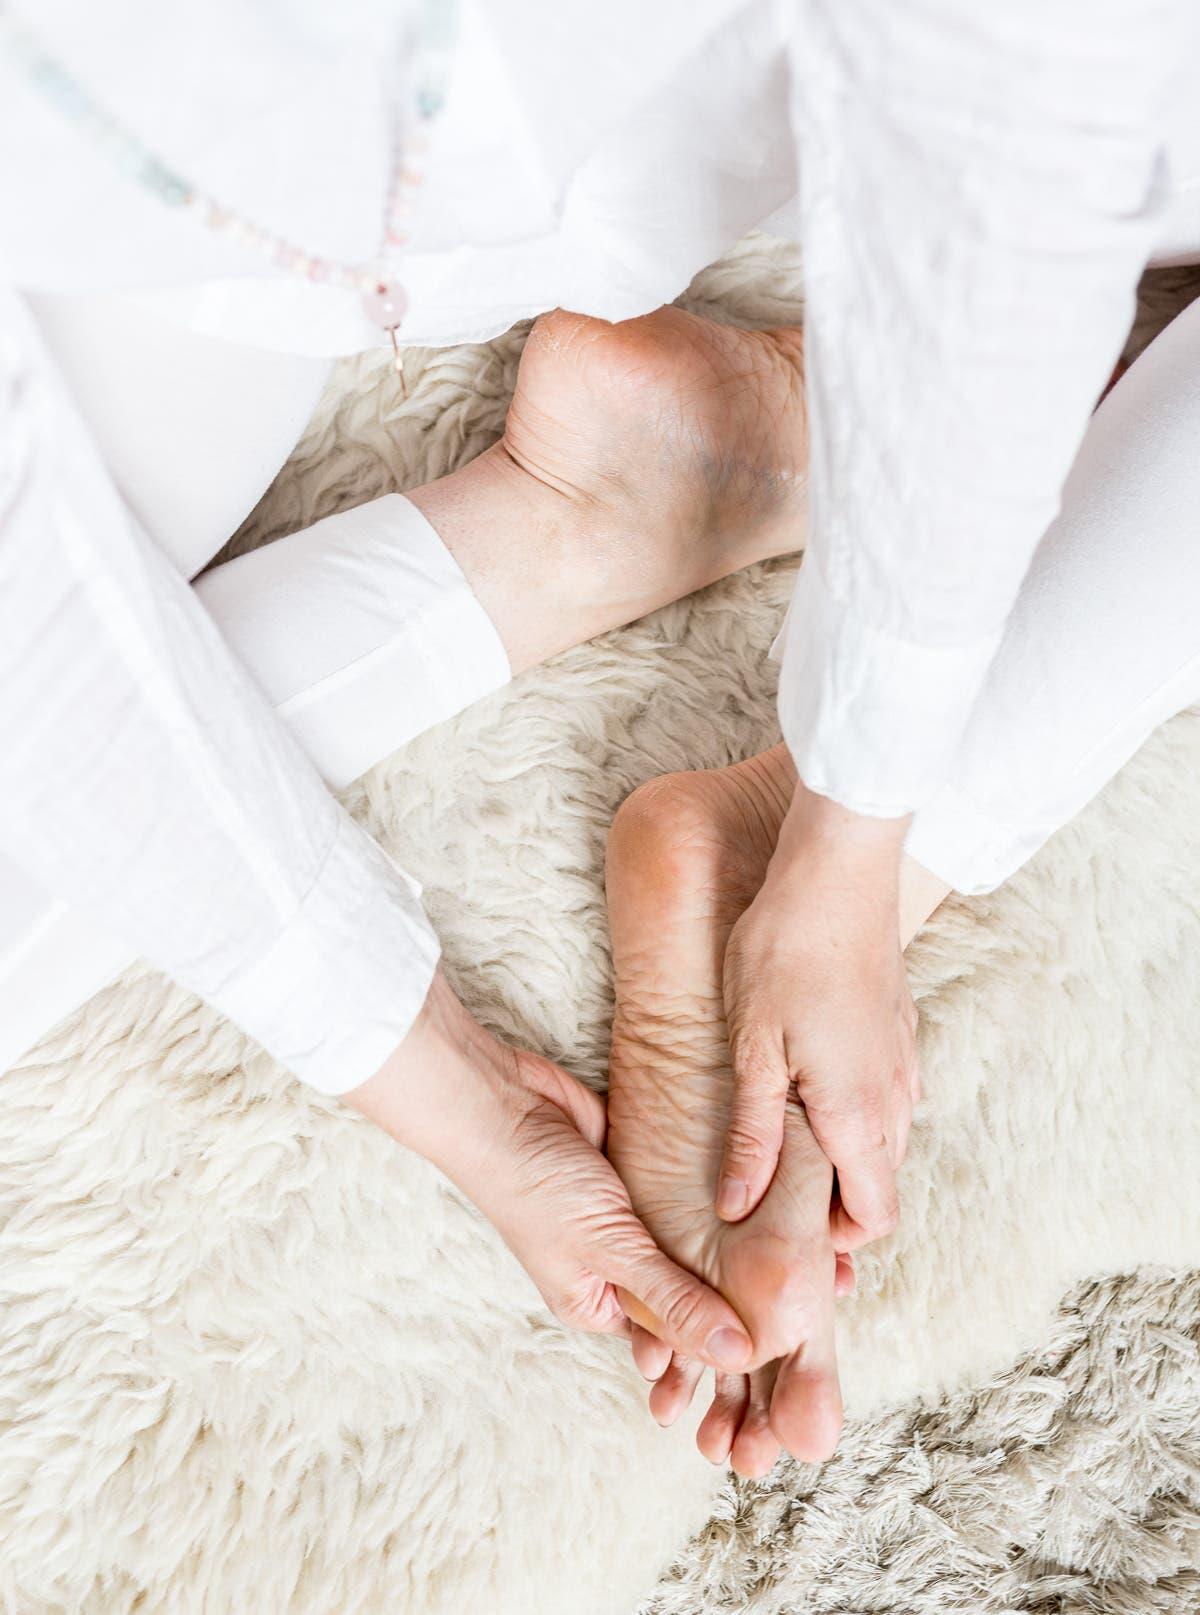 Topshot von einer Person in weißer Kleidung, die ihre Füße selbst massiert.